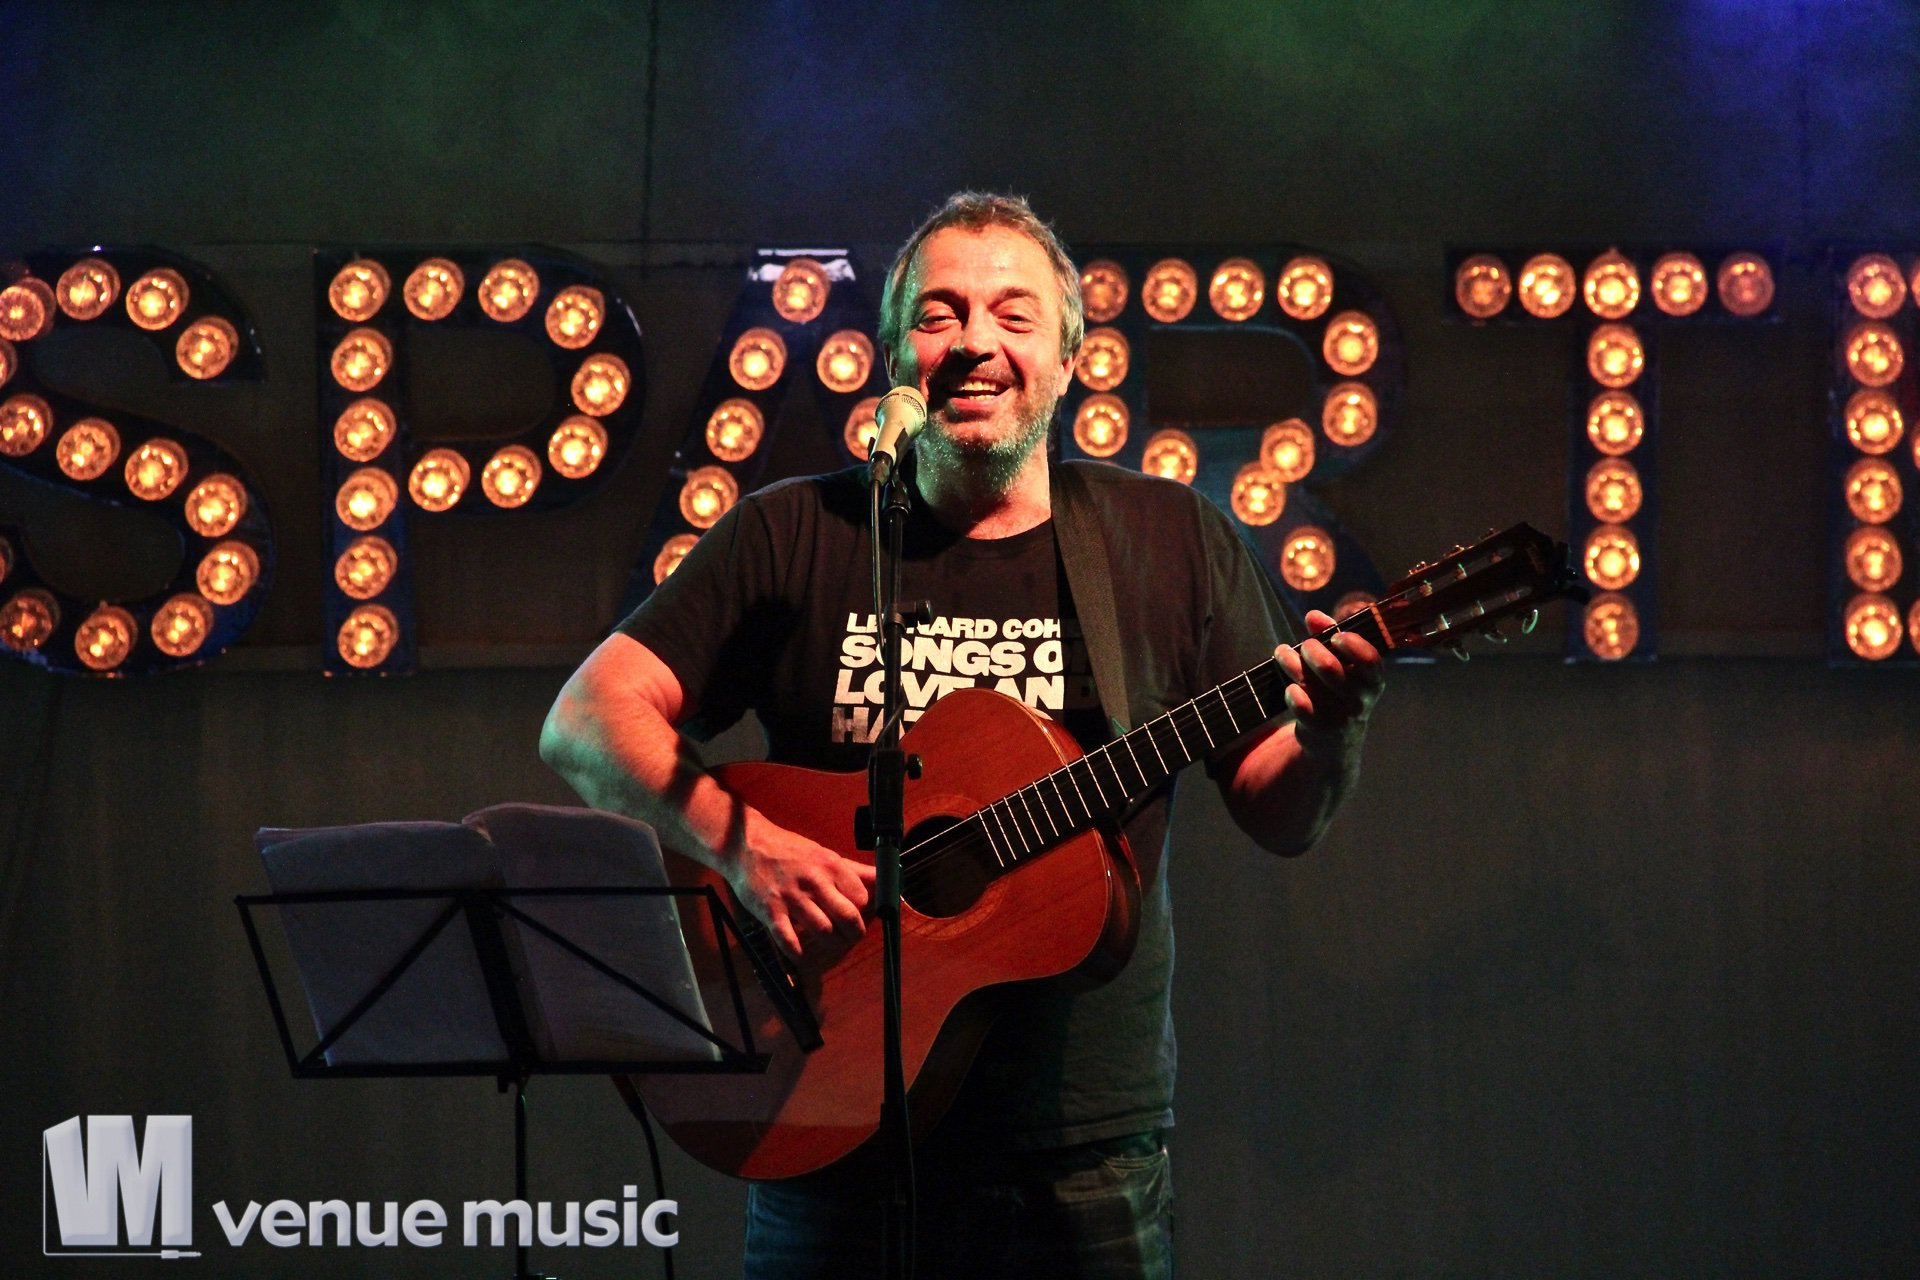 Götz Widmann am 11.05.2016 in der Sparte 4 in Saarbrücken